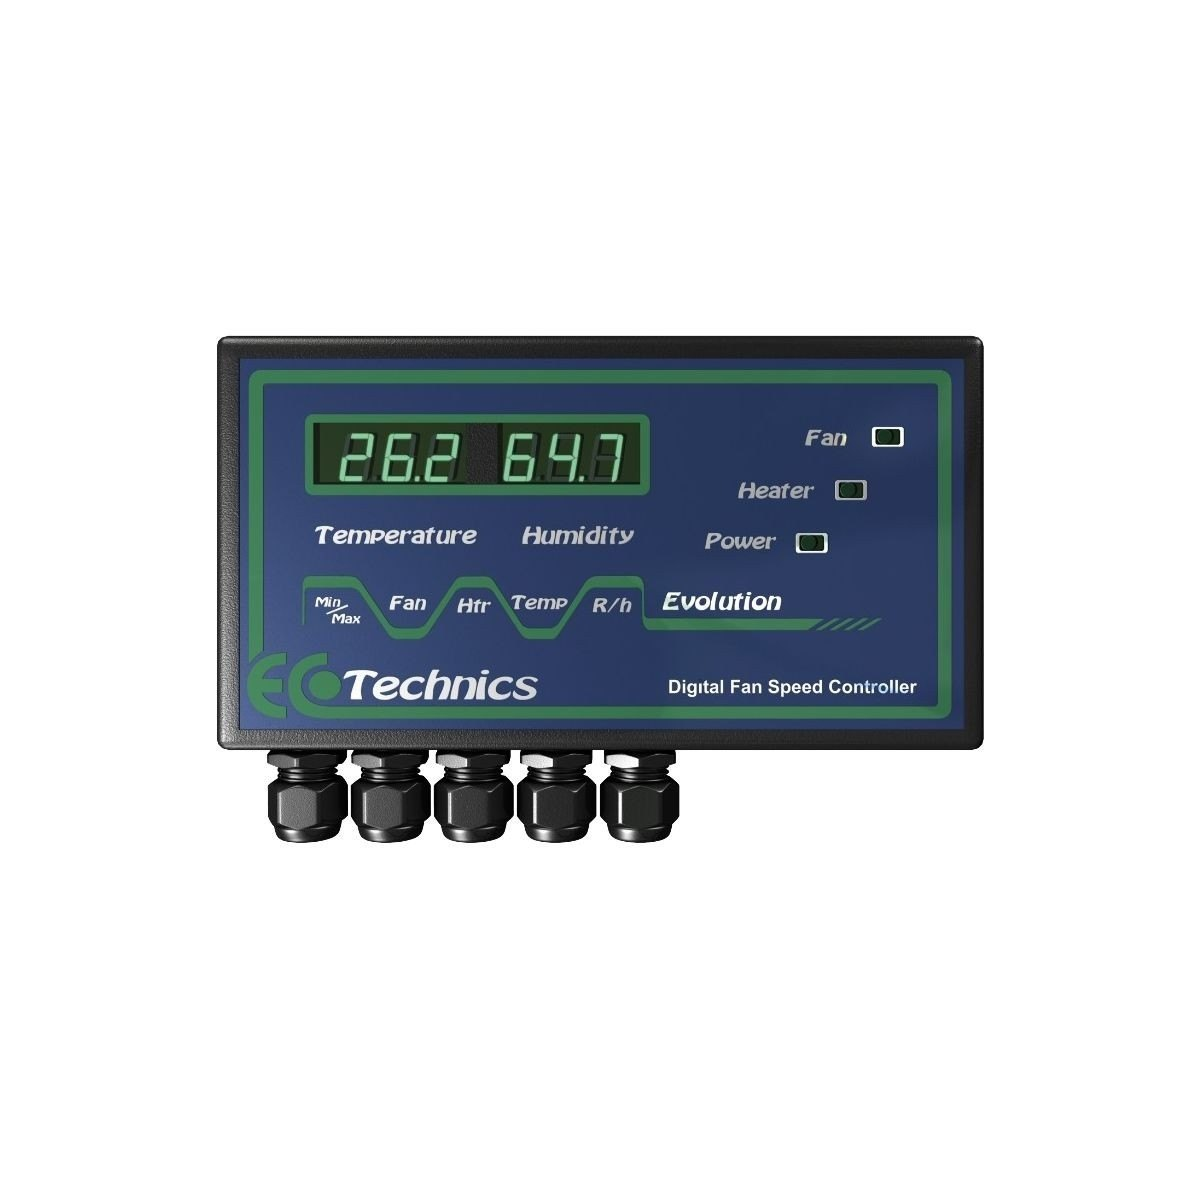 Controlador Evolution Fan Controller Temperatura&Humedad EcoTechnics